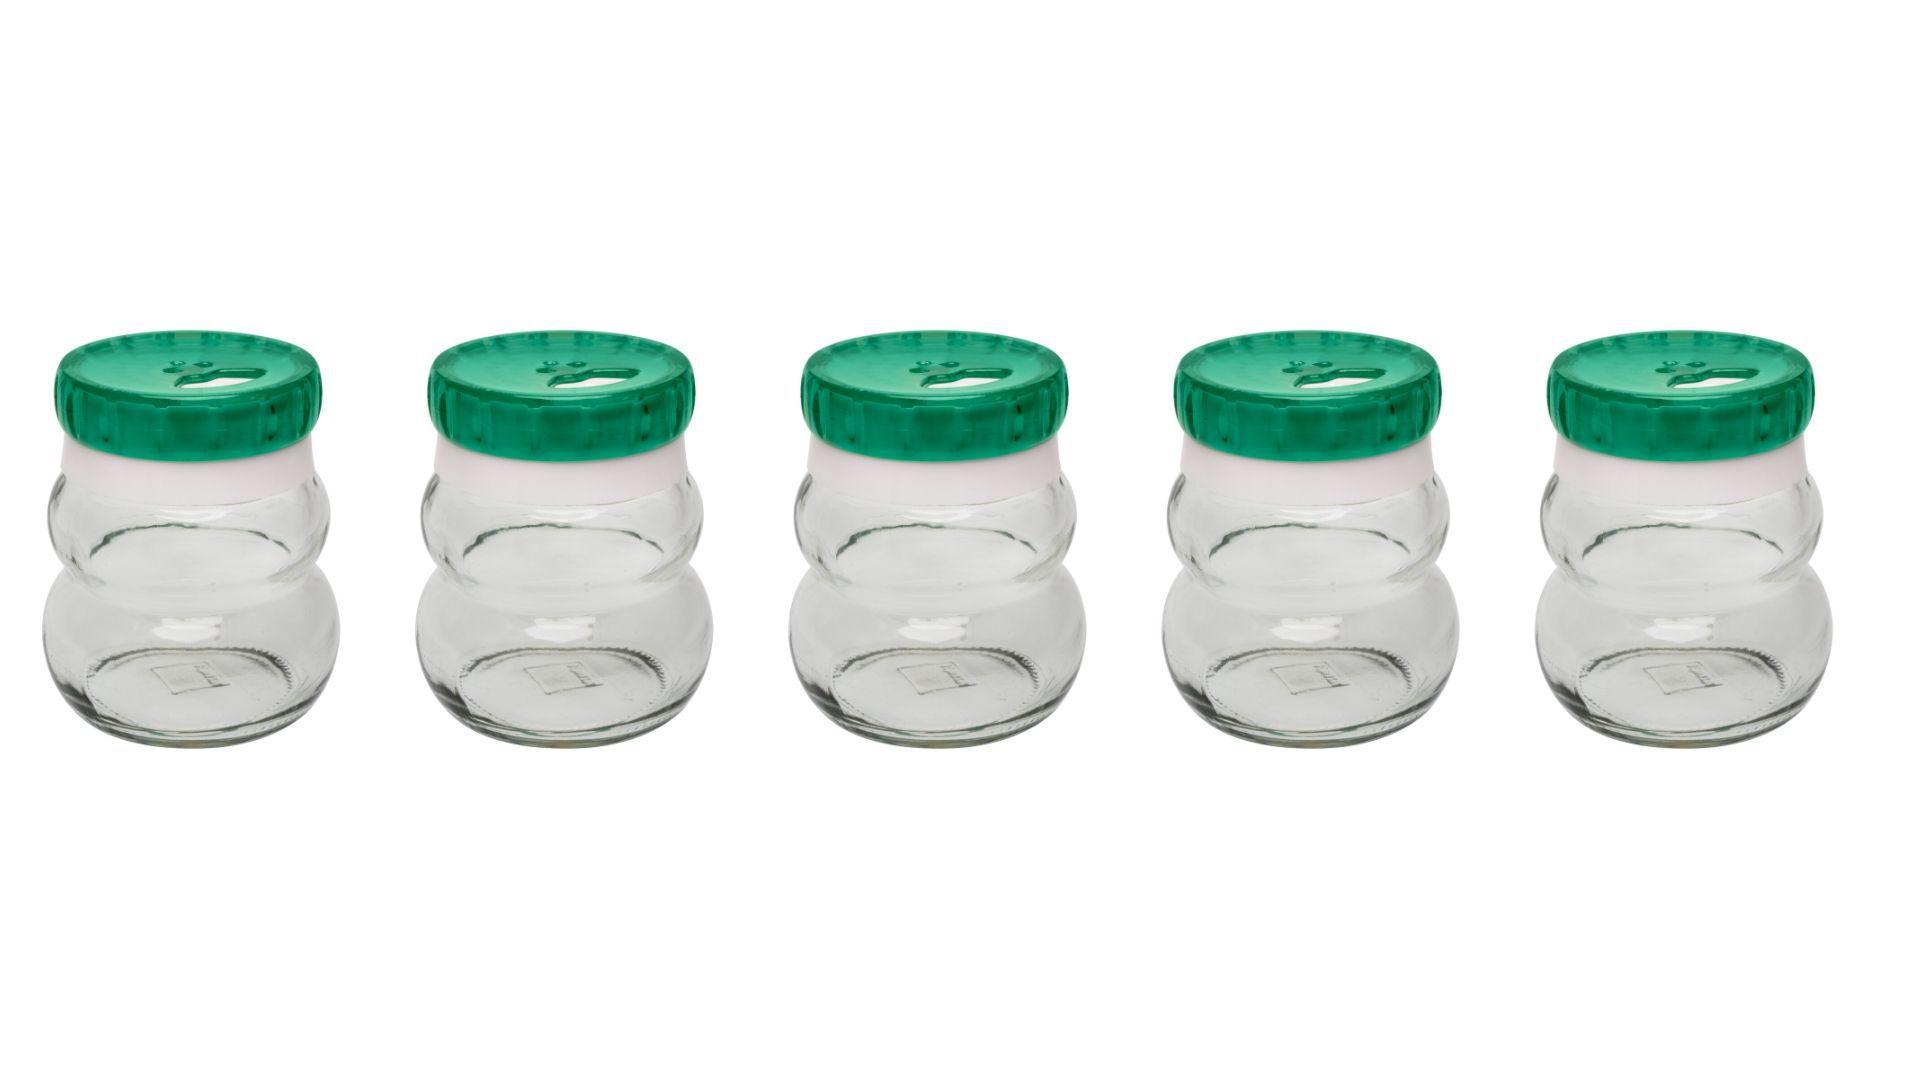 Conjunto De Potes De Vidro Redondo Para Temperos 150Ml - 5 Peças Verde - Oxford Daily